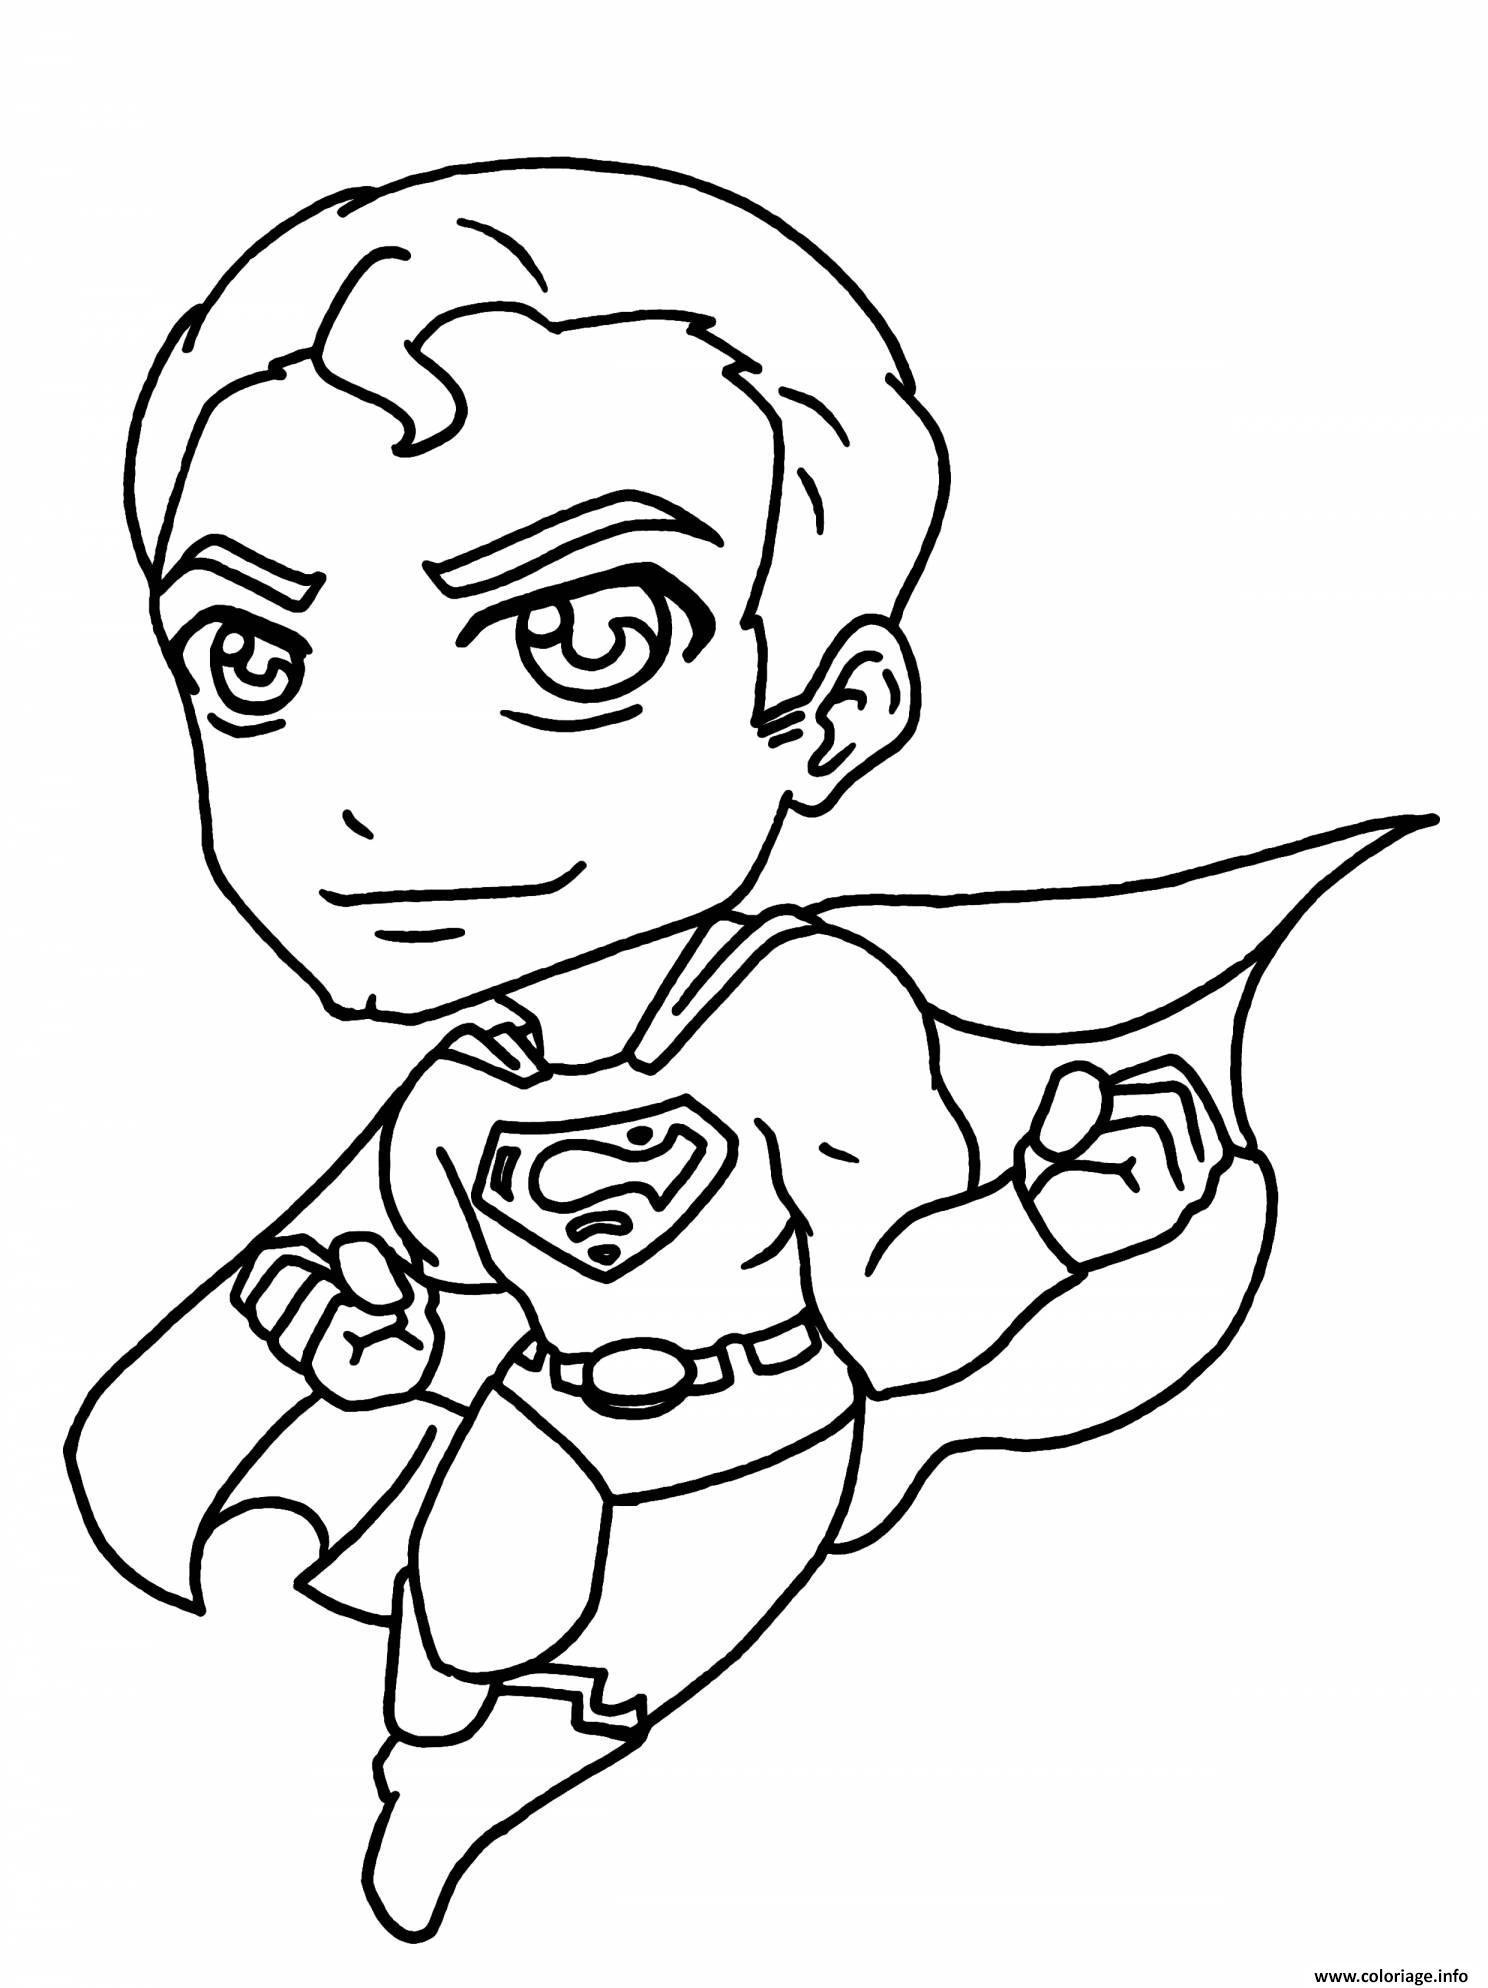 Dessin garcon super heros superman Coloriage Gratuit à Imprimer